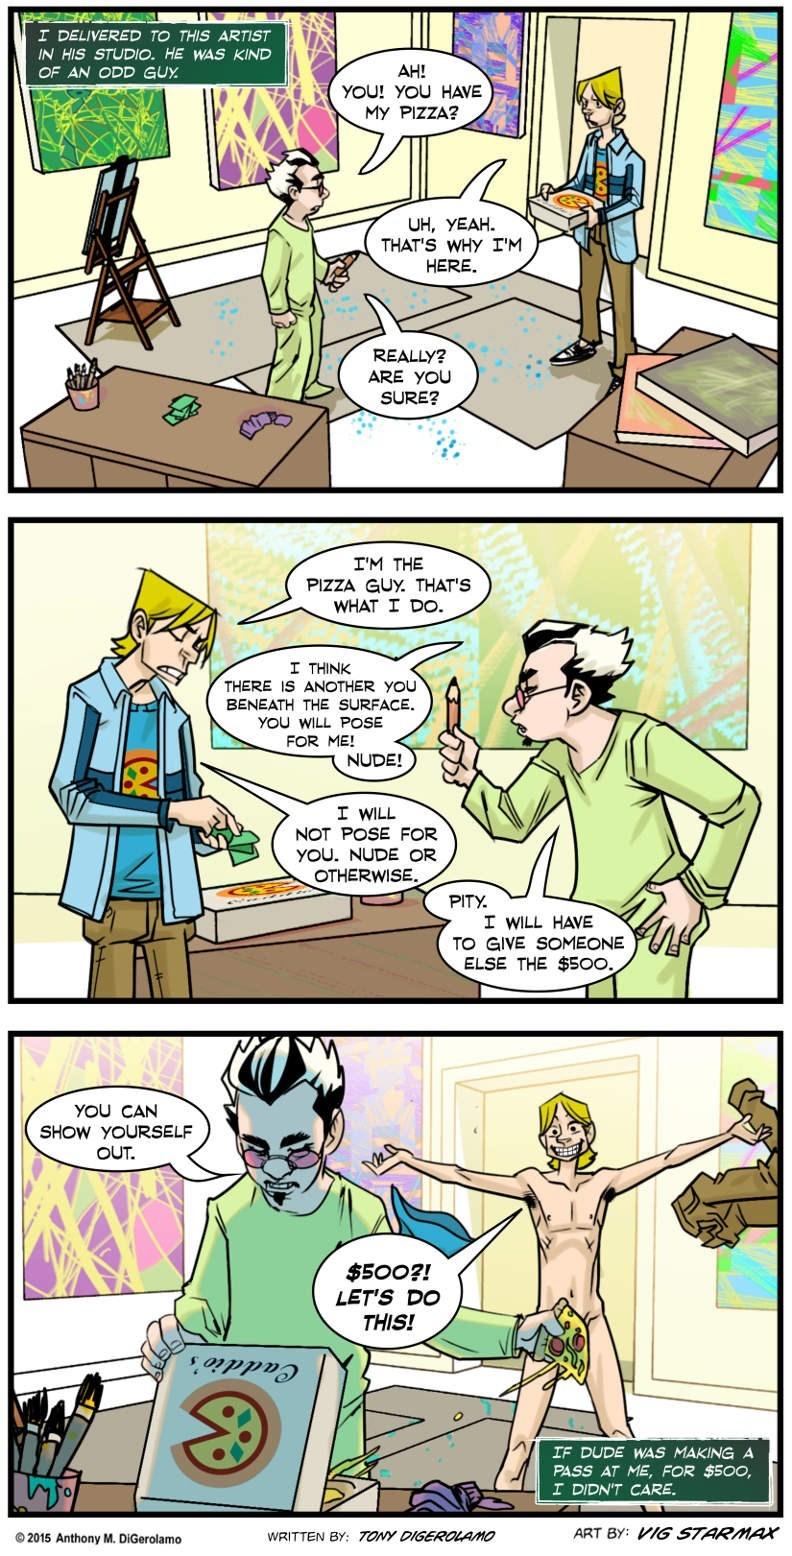 art pizza trolling web comics - 8765927168